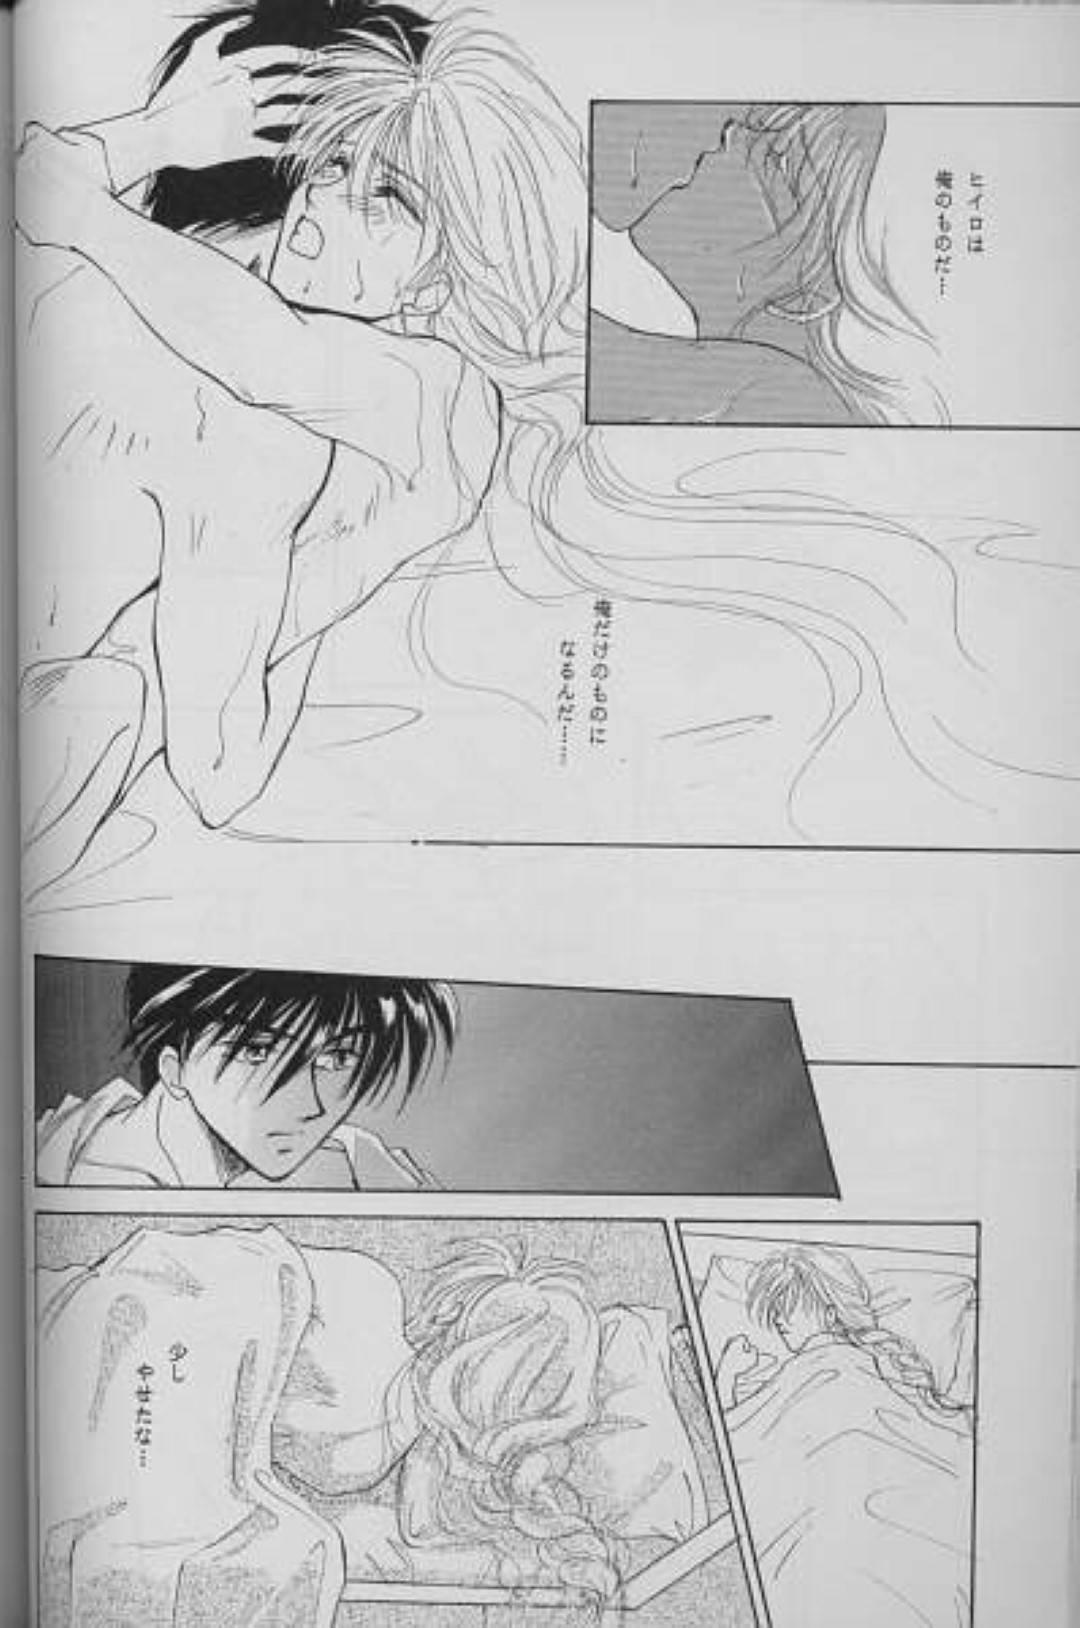 ヒイロにセックスを迫るデュオ…ヒイロの精神負担を収める為にデュオは、セックスを提案するとアナルセックスで自身を満たす。